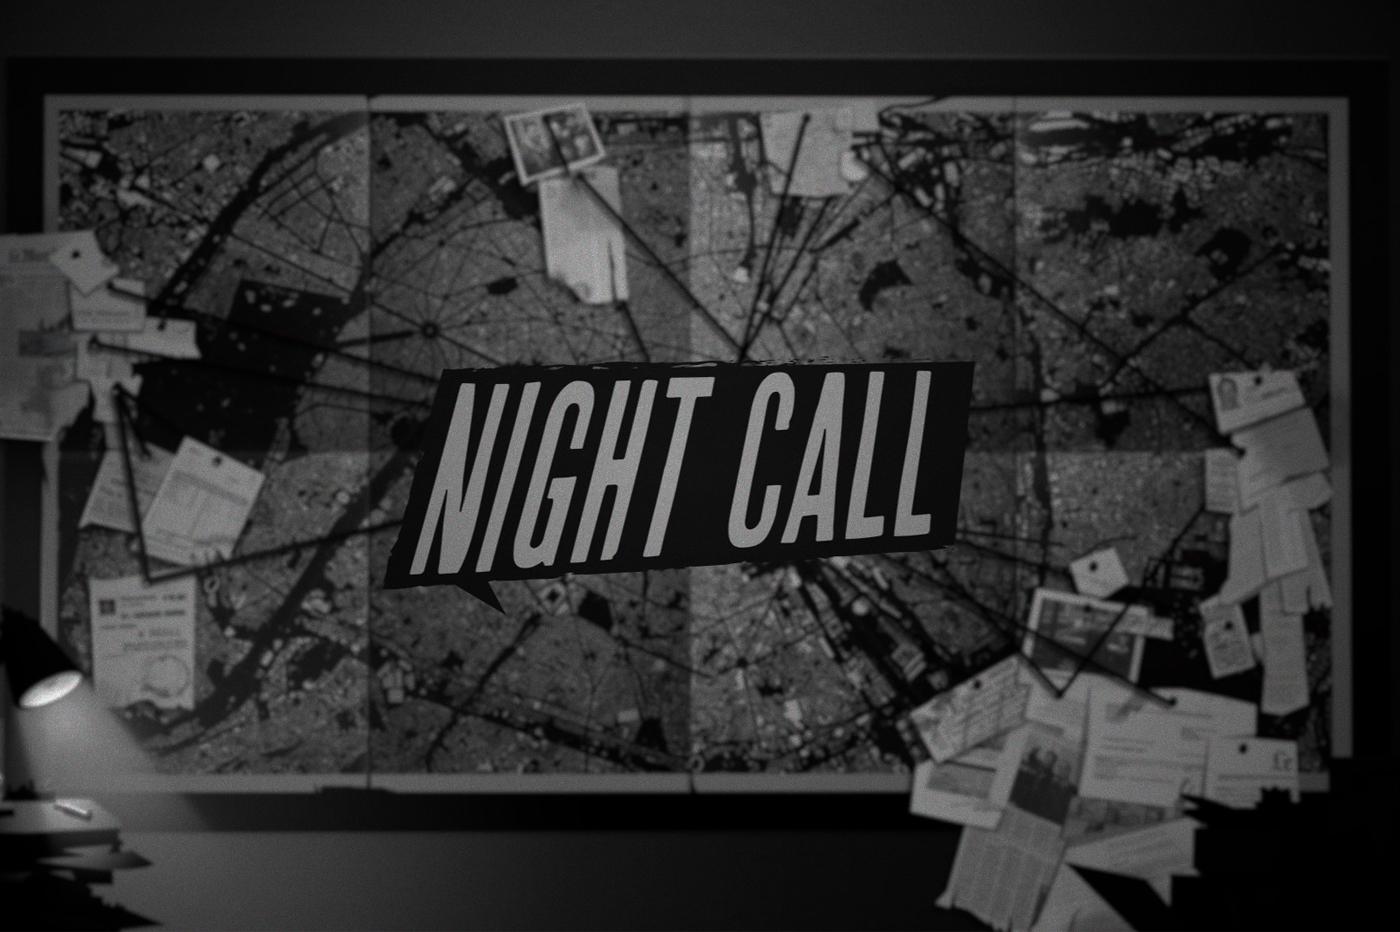 Nous avons testé en avant-première Night Call, et cela s'annonce très bon